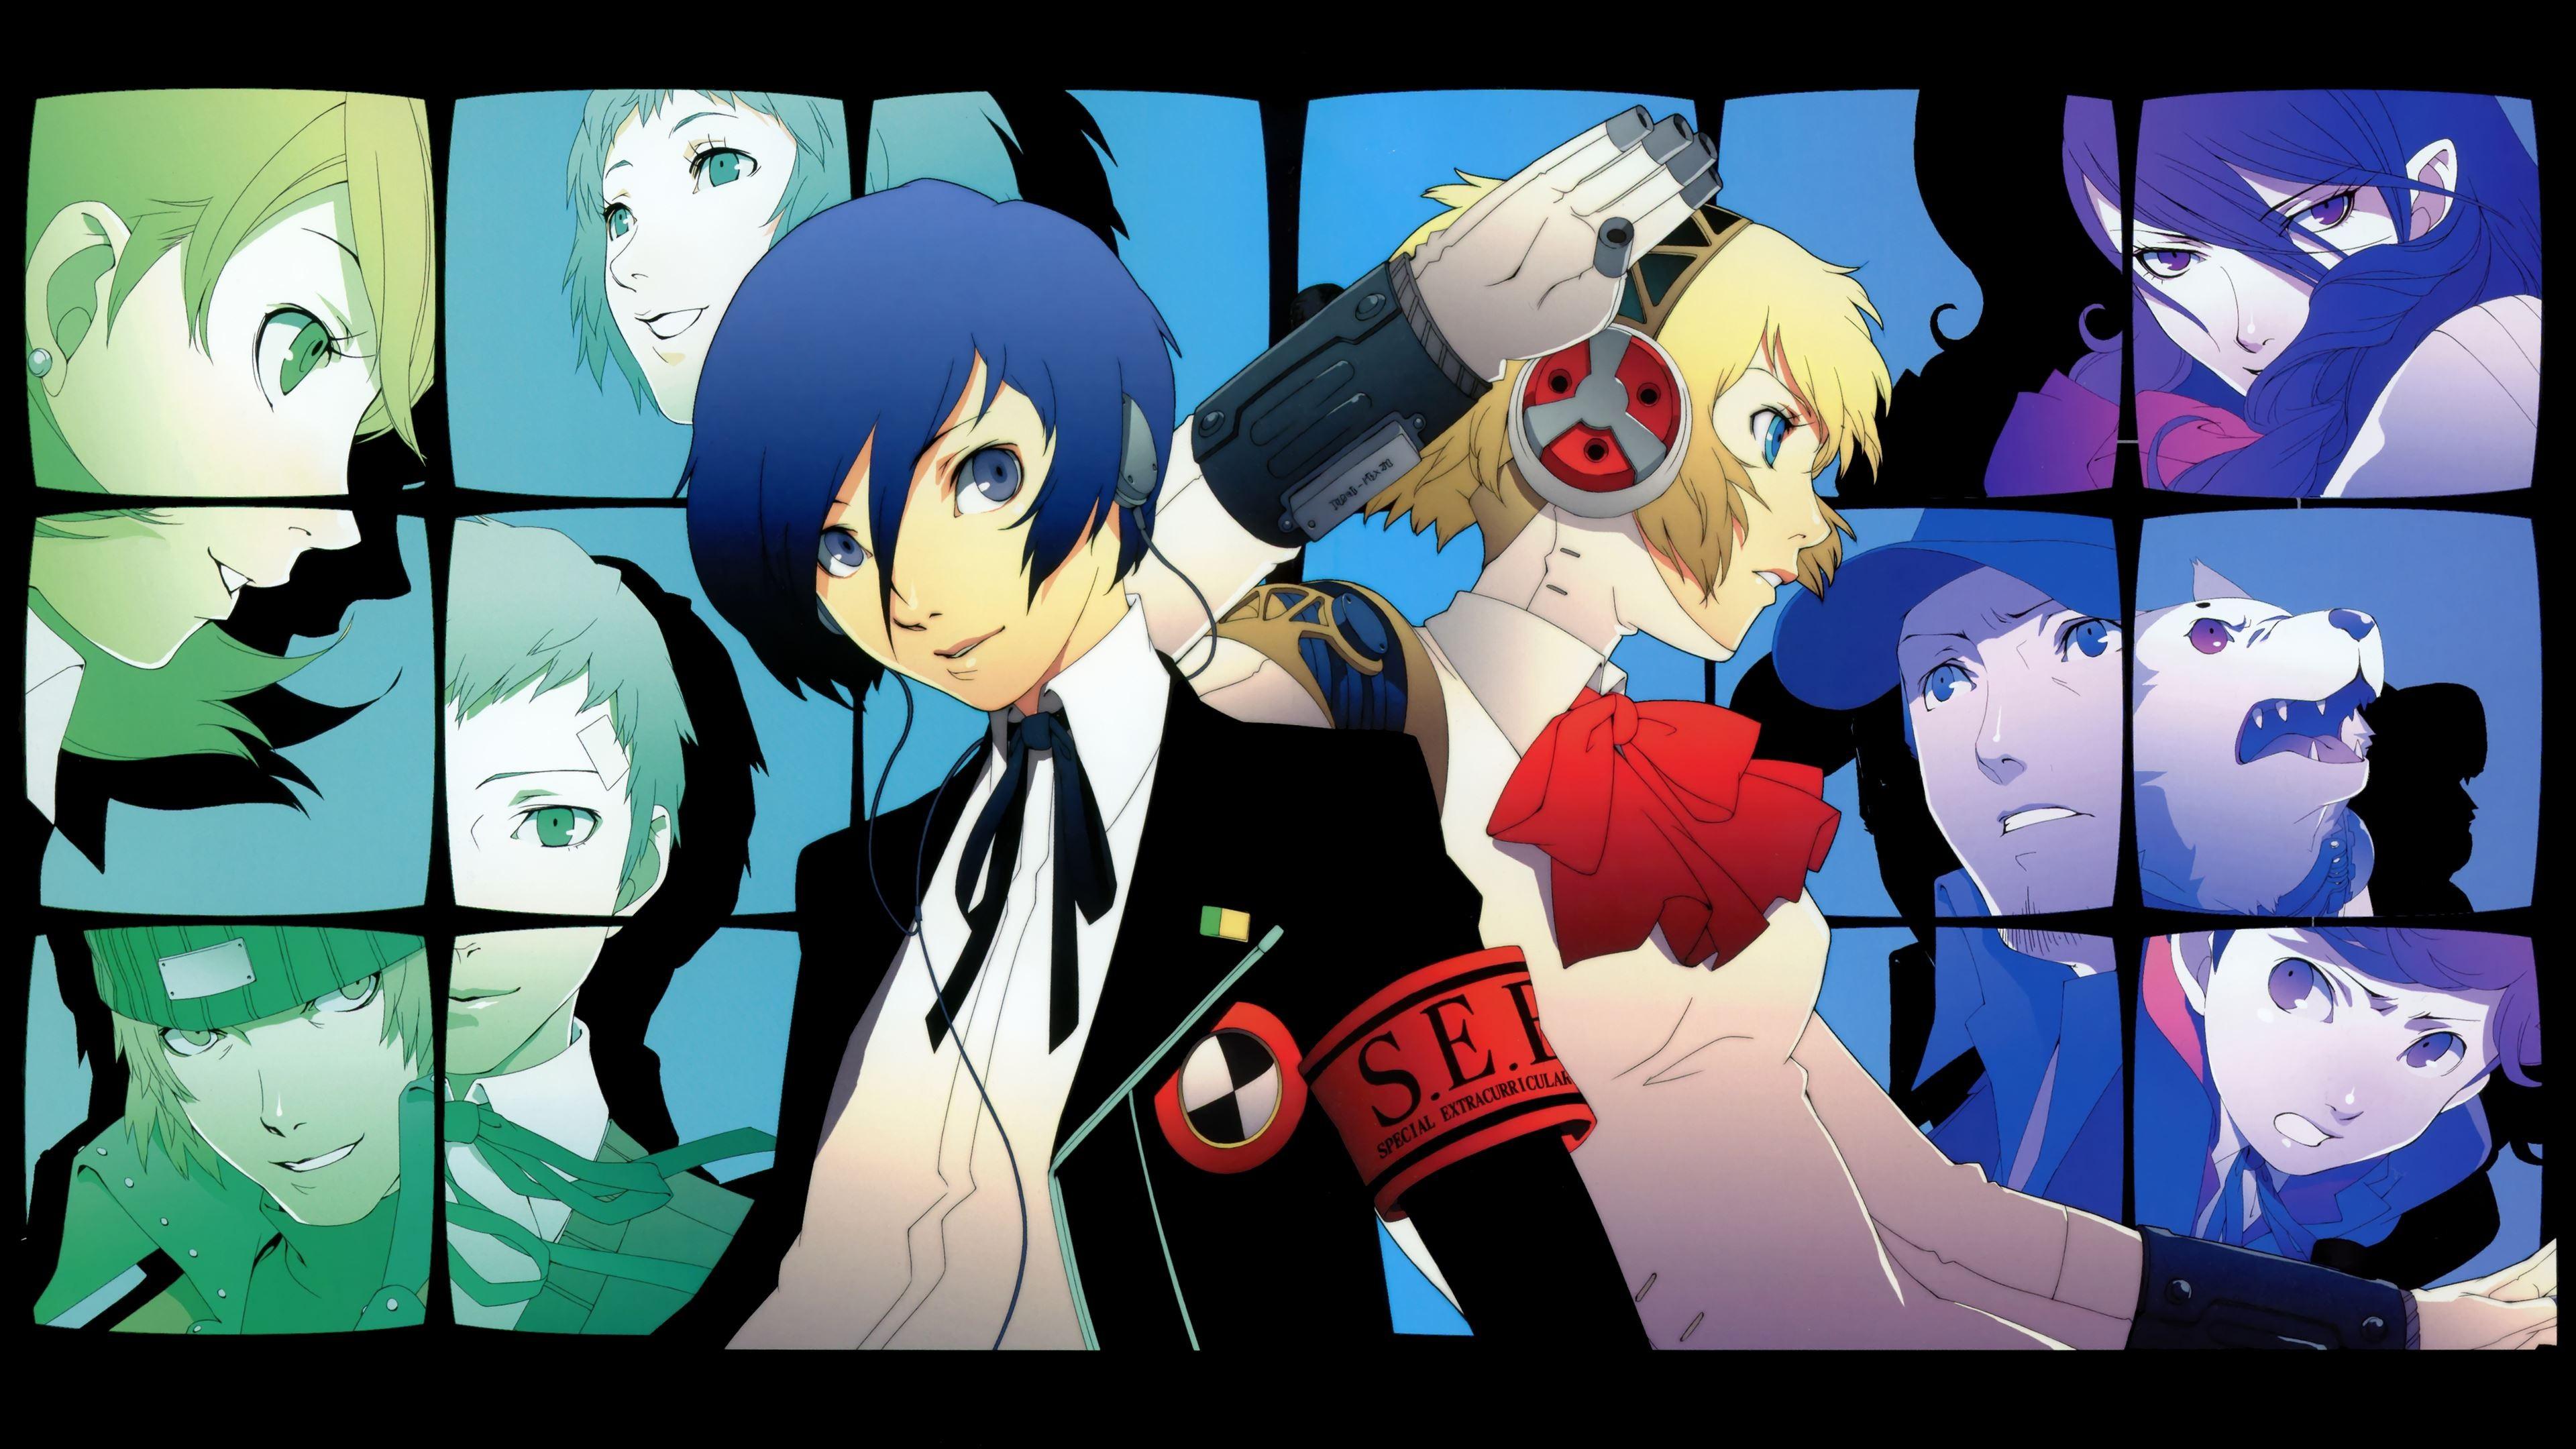 Persona 3 Wallpaper 4k: Shin Megami Tensei Persona 3